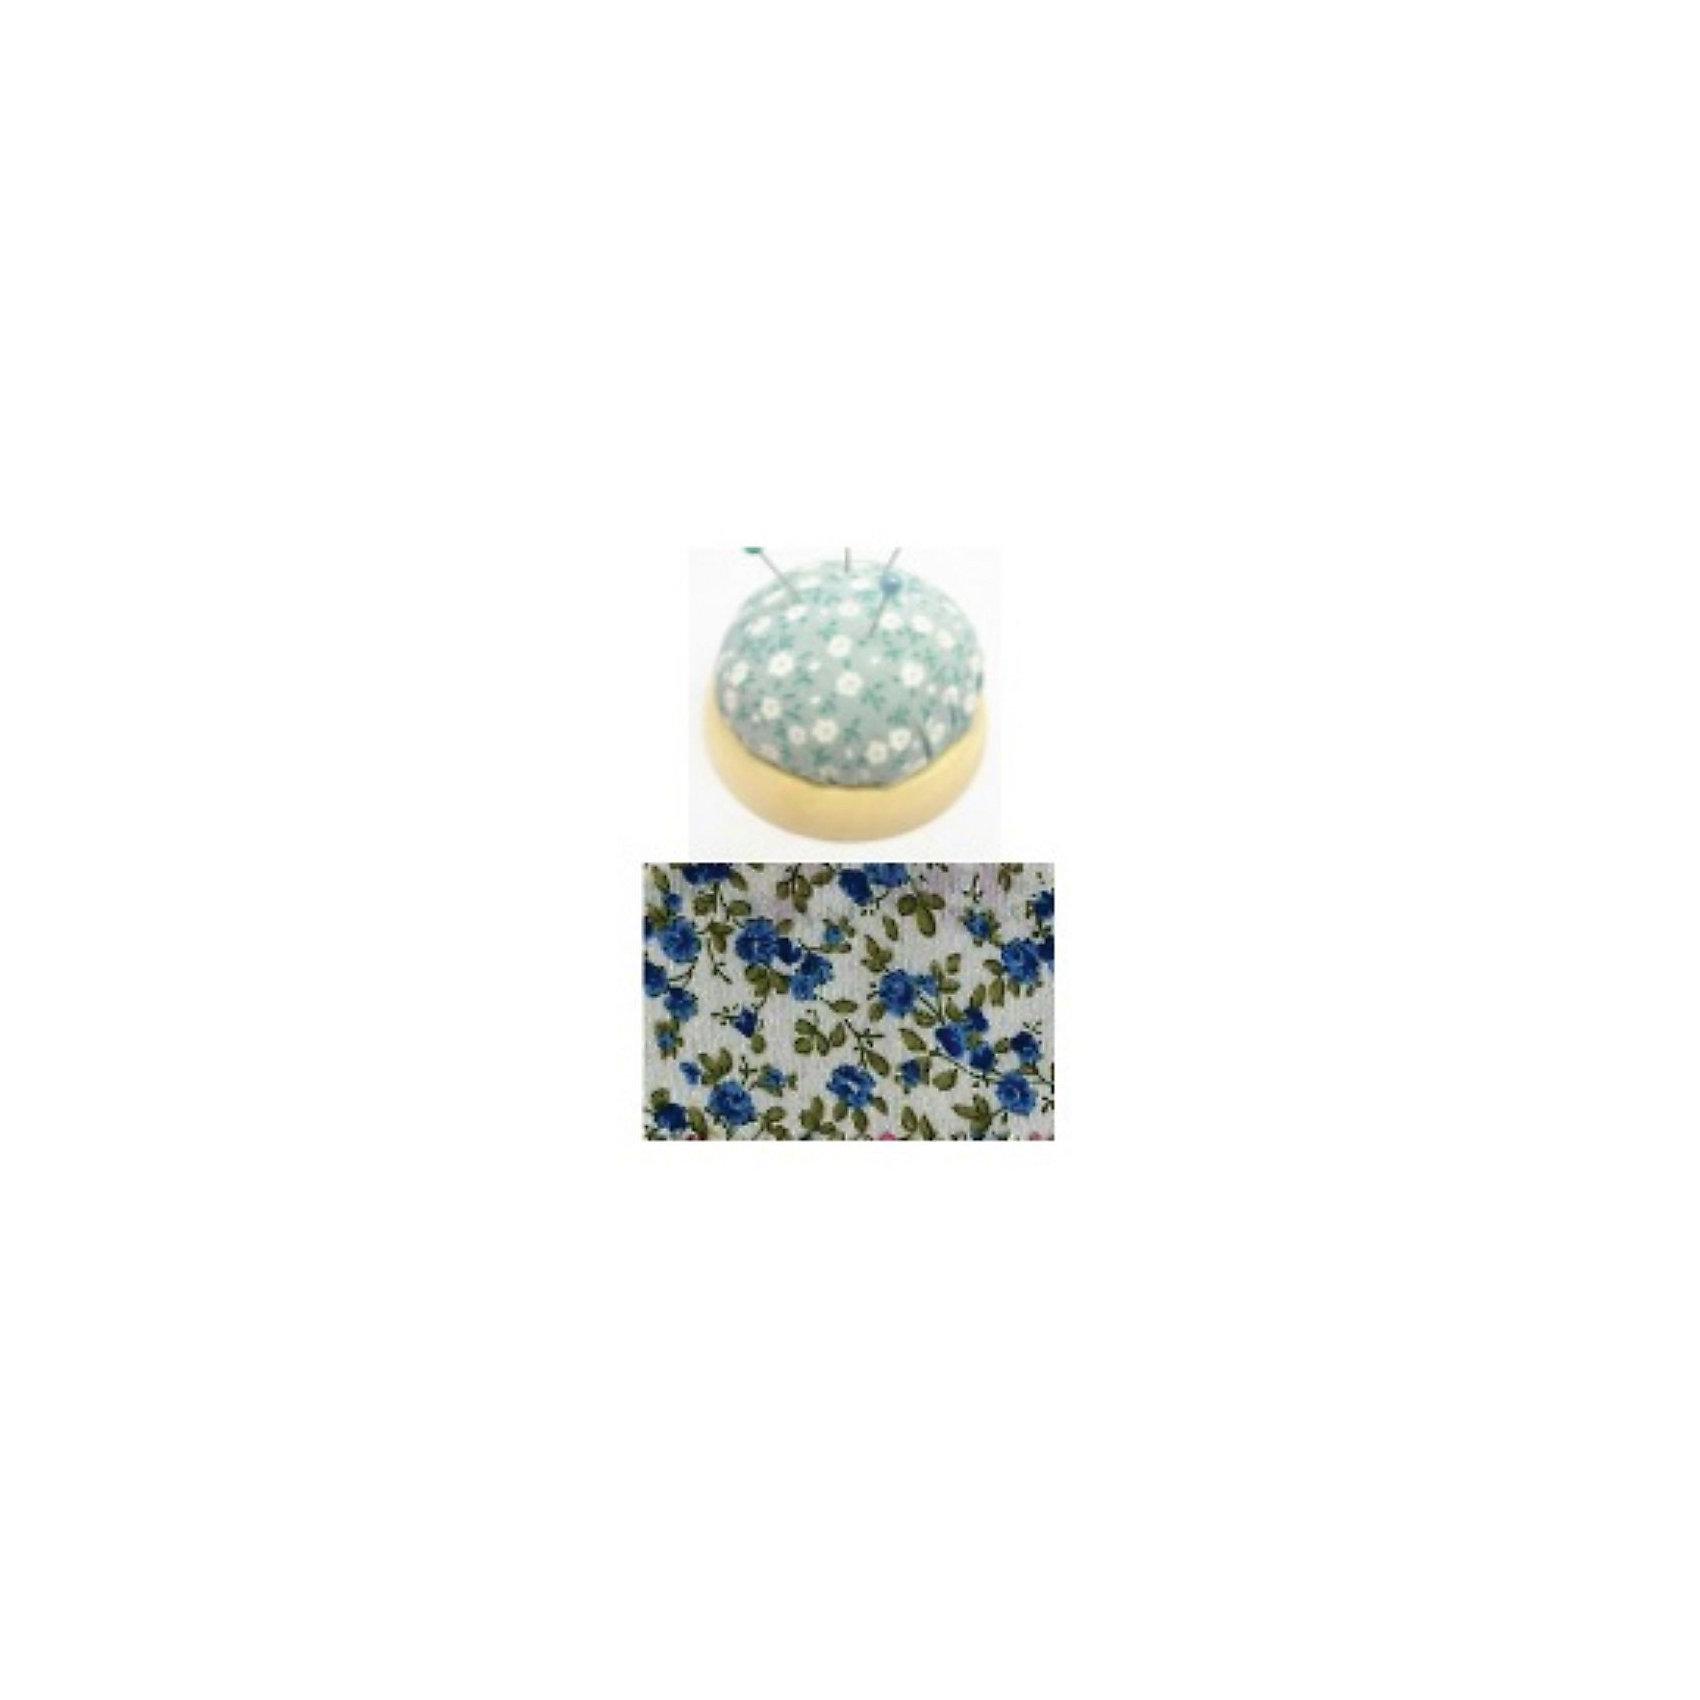 Игольница-подушечка Синие цветы 7,3*4,5 смИгольница-подушечка - прекрасный подарок, который понравится любой рукодельнице! Игольница выполнена из прочного текстильного материала, украшенного нежным цветочным принтом. Подставка из дерева удобная и устойчивая. Прекрасный вариант для памятного сувенира!<br><br>Дополнительная информация:<br><br>- Материал: синтетический хлопок, полиэстер, древесина вишни.<br>- Размер: 7,3х4,5 см.<br><br>Игольницу-подушечку Синие цветы, 7,3х4,5 см, можно купить в нашем магазине.<br><br>Ширина мм: 73<br>Глубина мм: 45<br>Высота мм: 45<br>Вес г: 50<br>Возраст от месяцев: 108<br>Возраст до месяцев: 2147483647<br>Пол: Женский<br>Возраст: Детский<br>SKU: 4548391